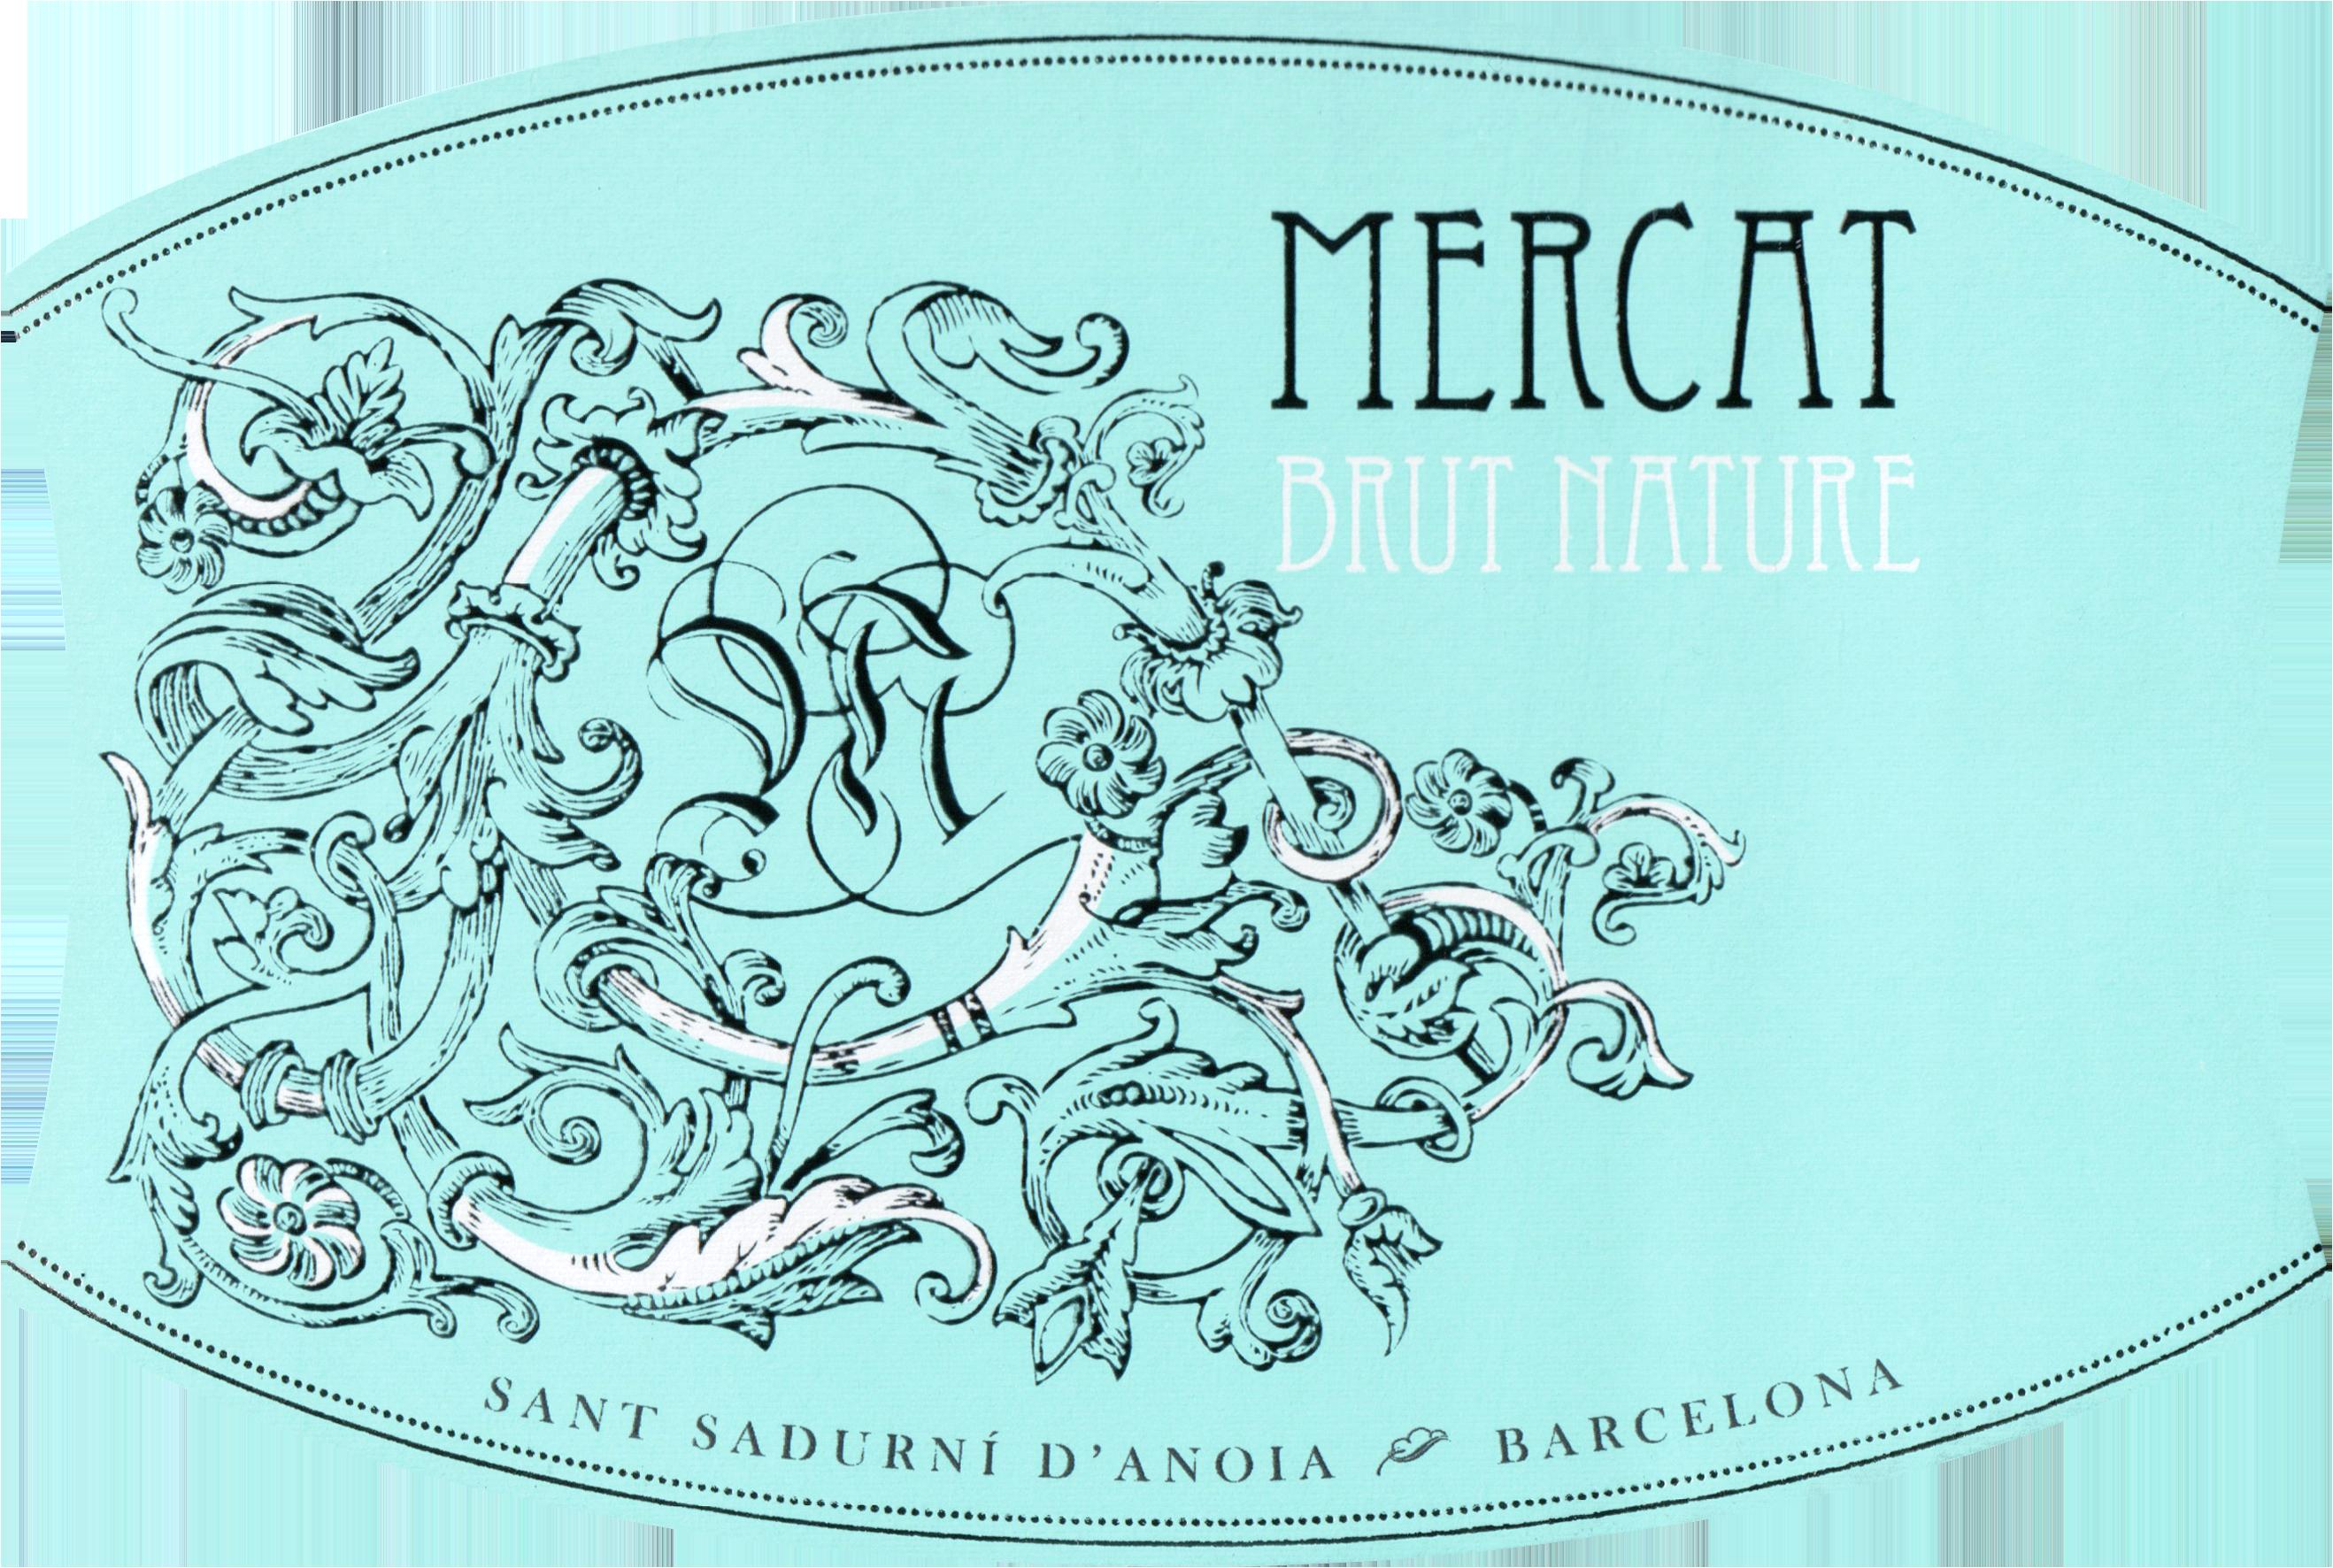 Mercat Cava Brut Nature